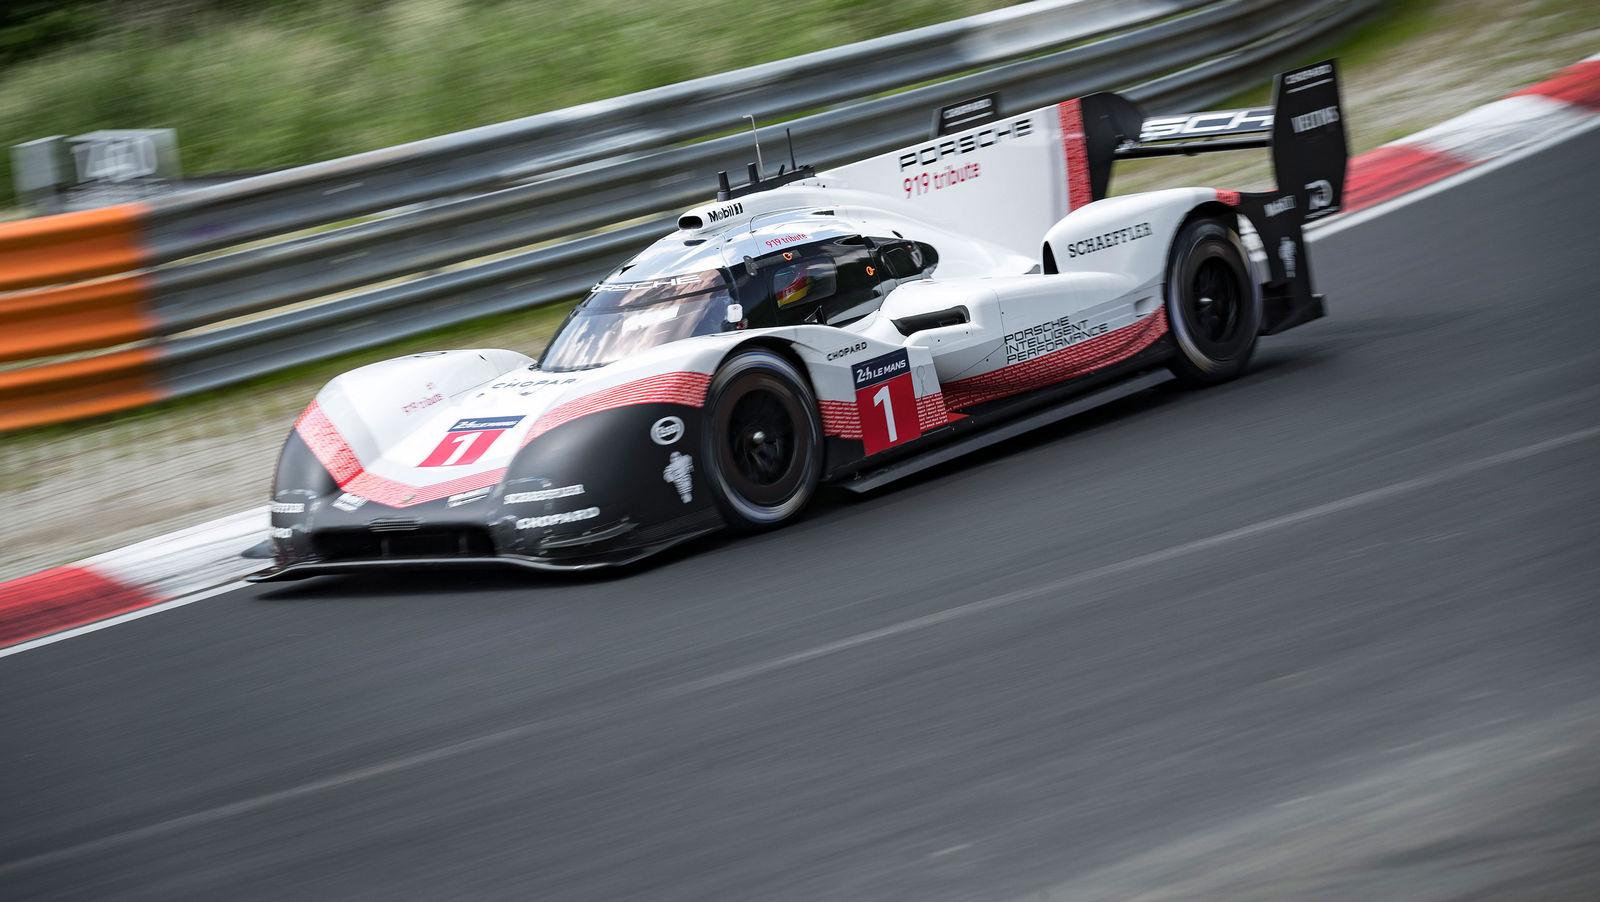 Porsche установила новый абсолютный рекорд Нюрбургринга!